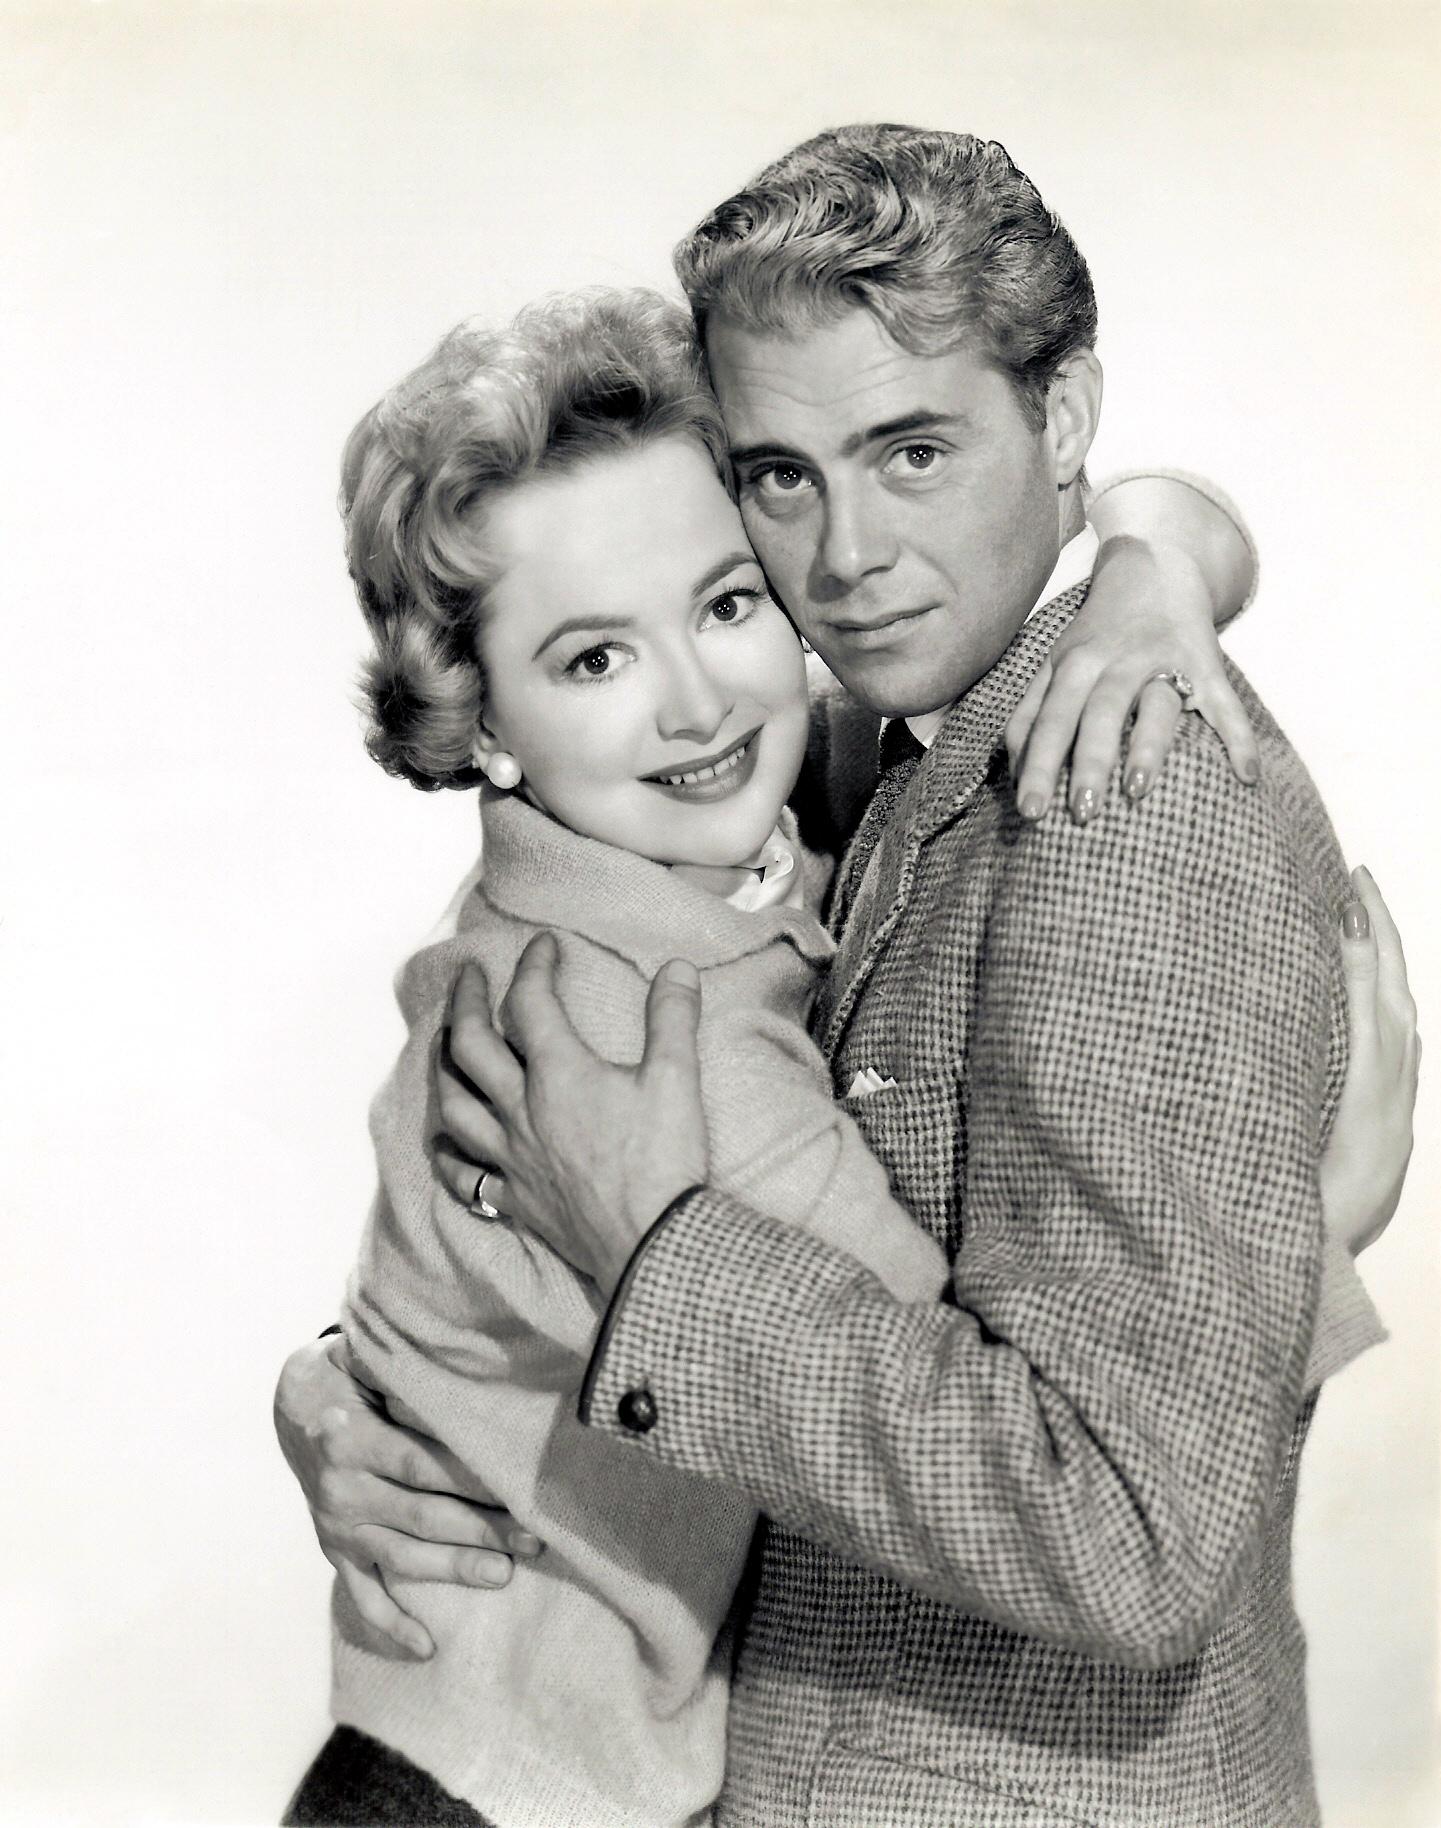 Olivia de Havilland with Dirk Bograde